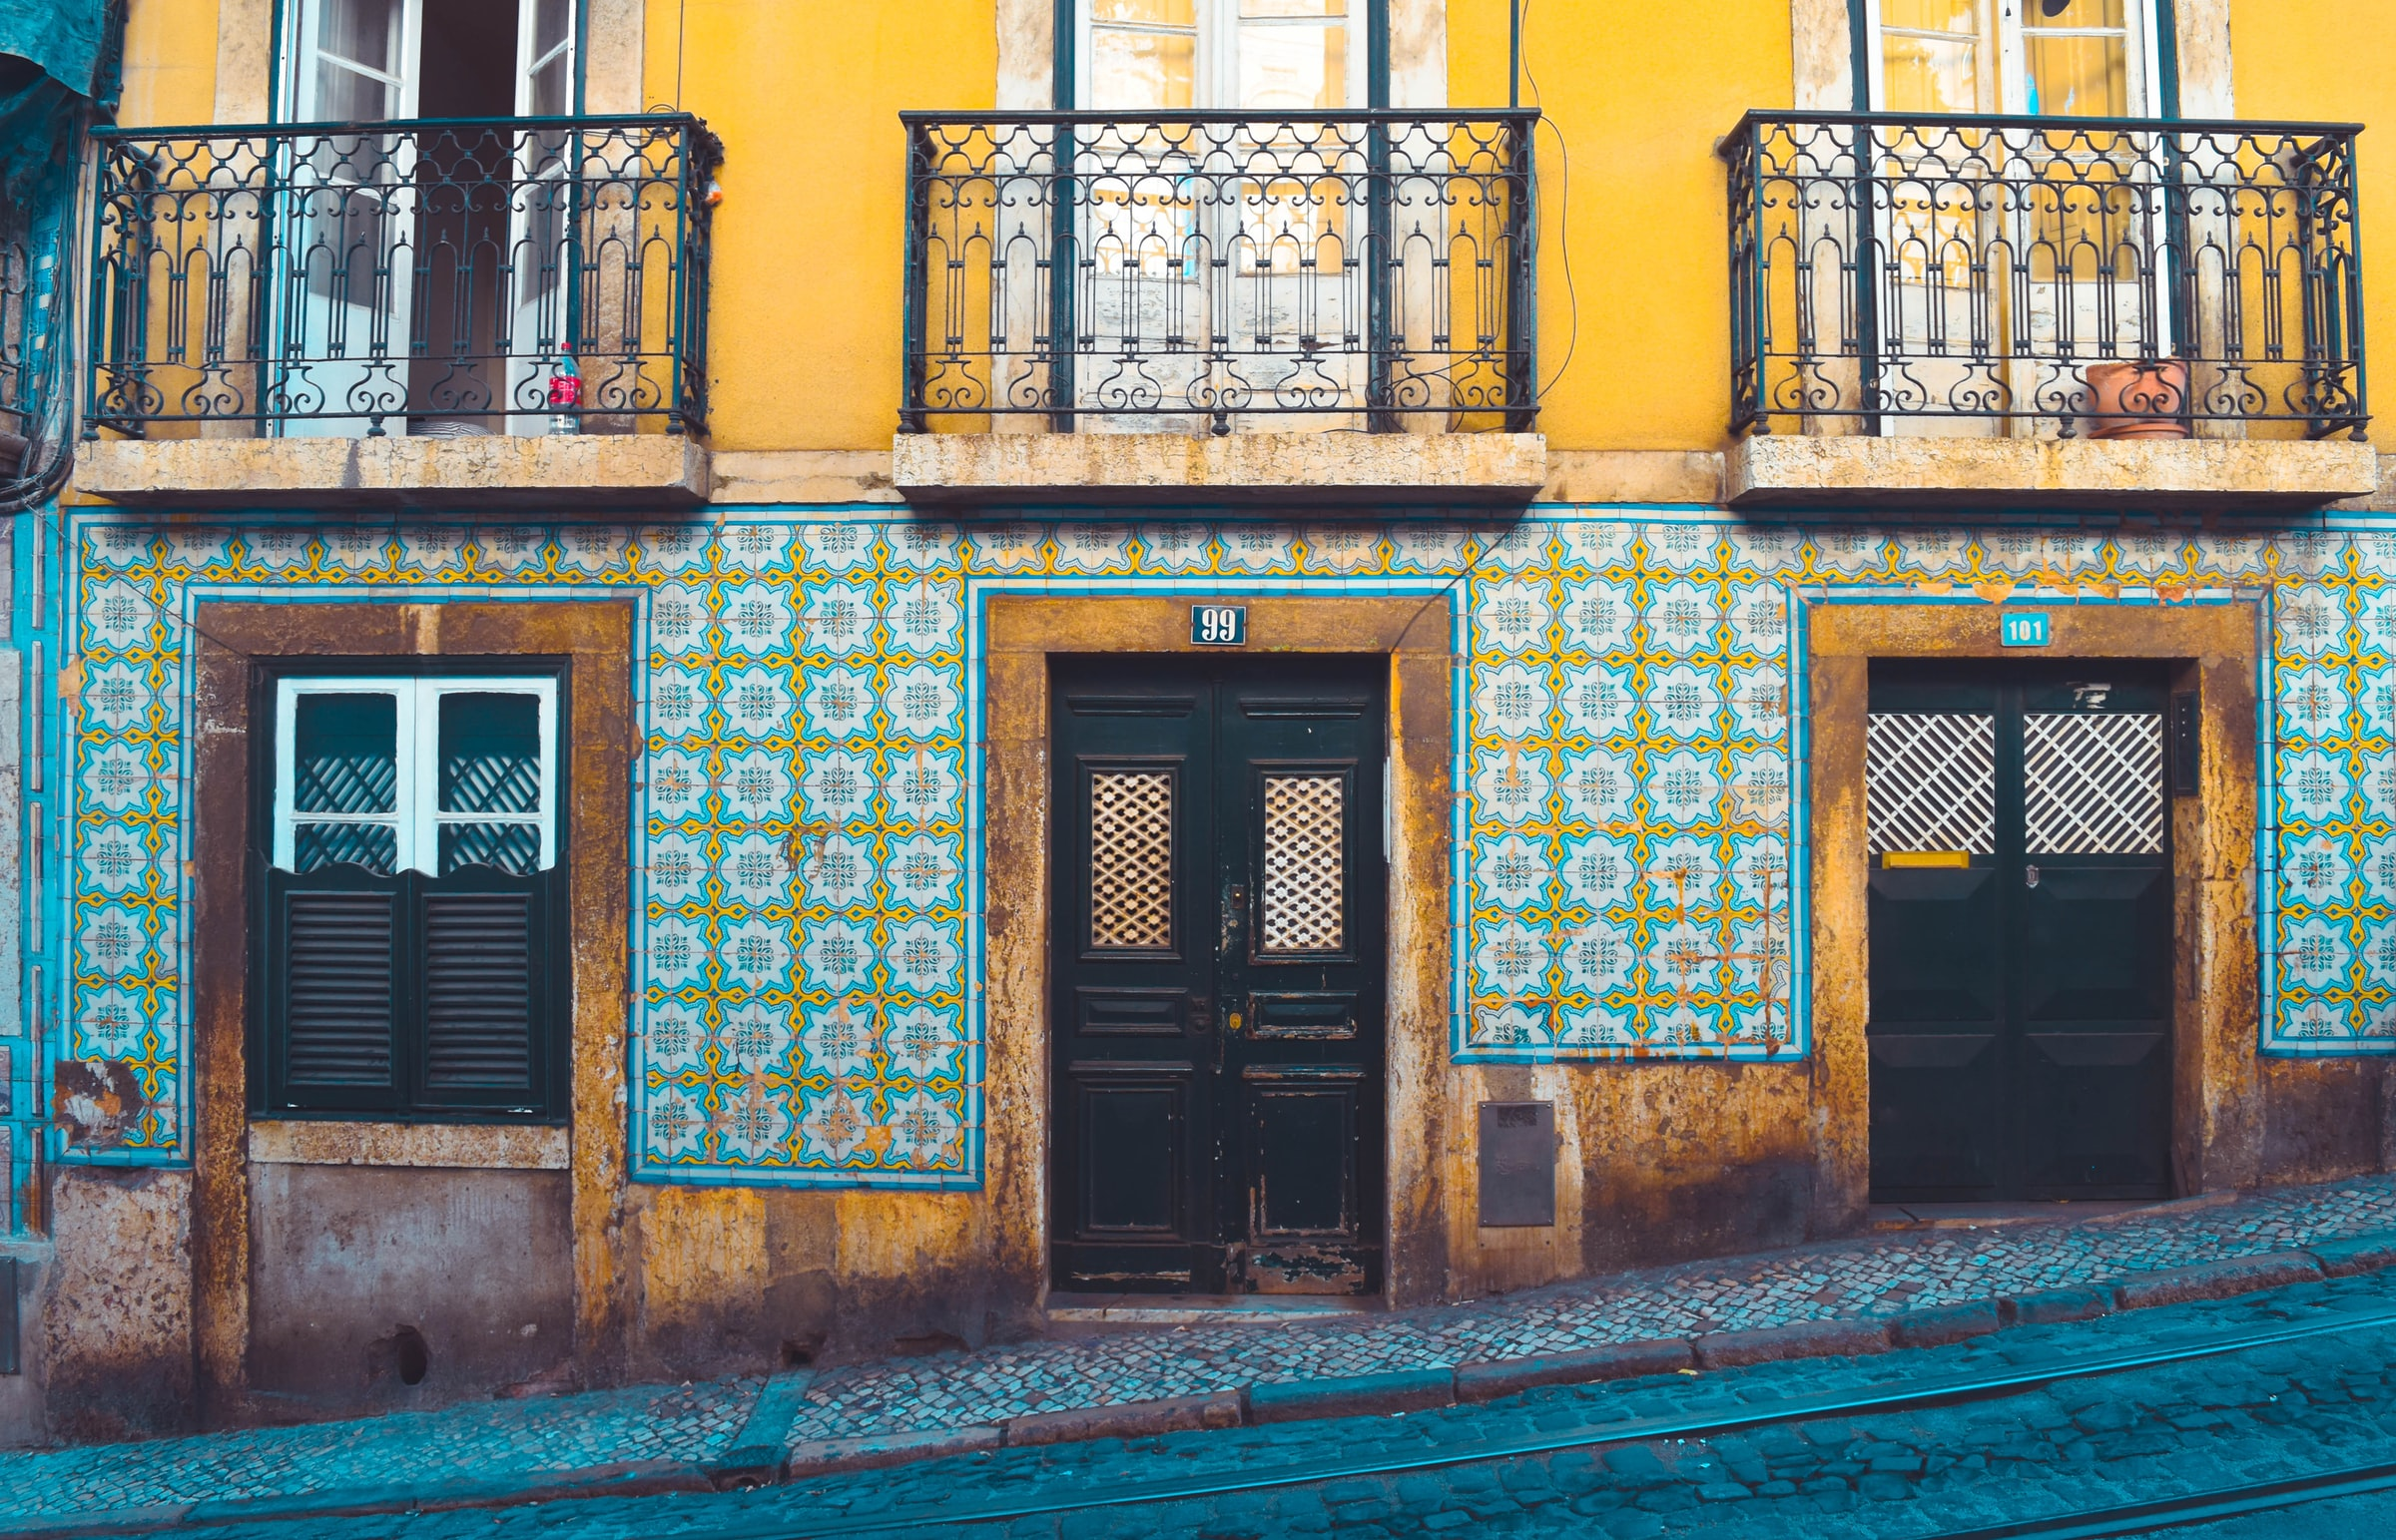 Lisbon tile buildings